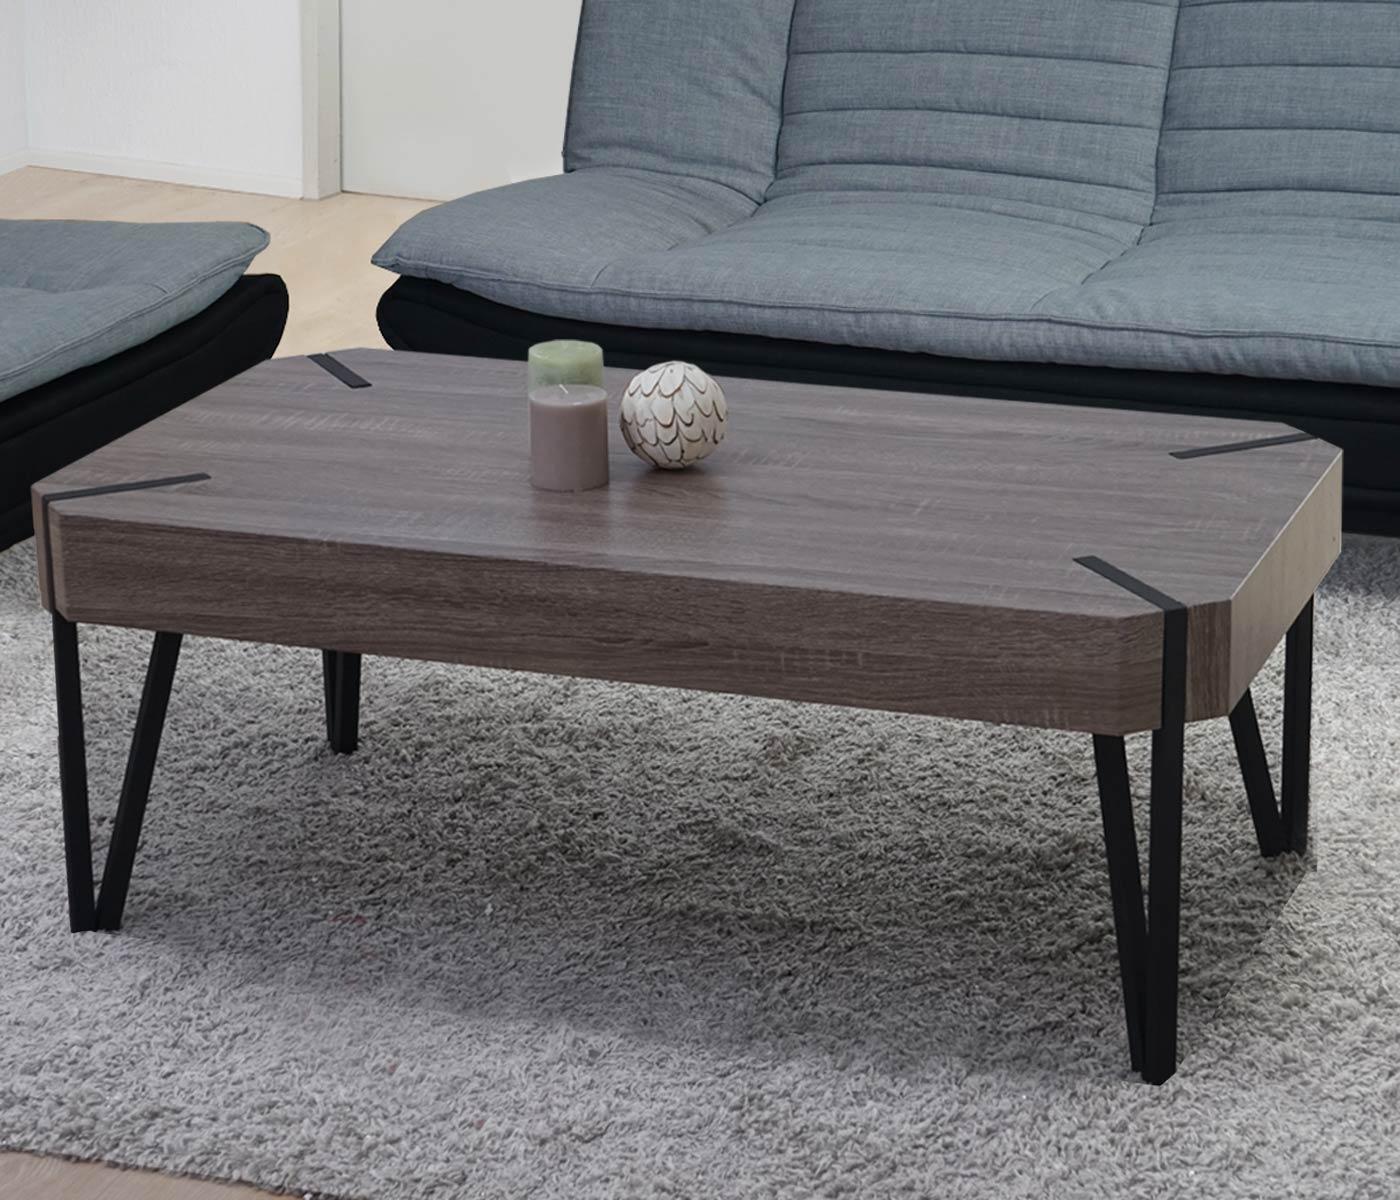 couchtisch kos t573 wohnzimmertisch 43x110x60cm fsc zertifiziert dunkle eiche dunkle. Black Bedroom Furniture Sets. Home Design Ideas